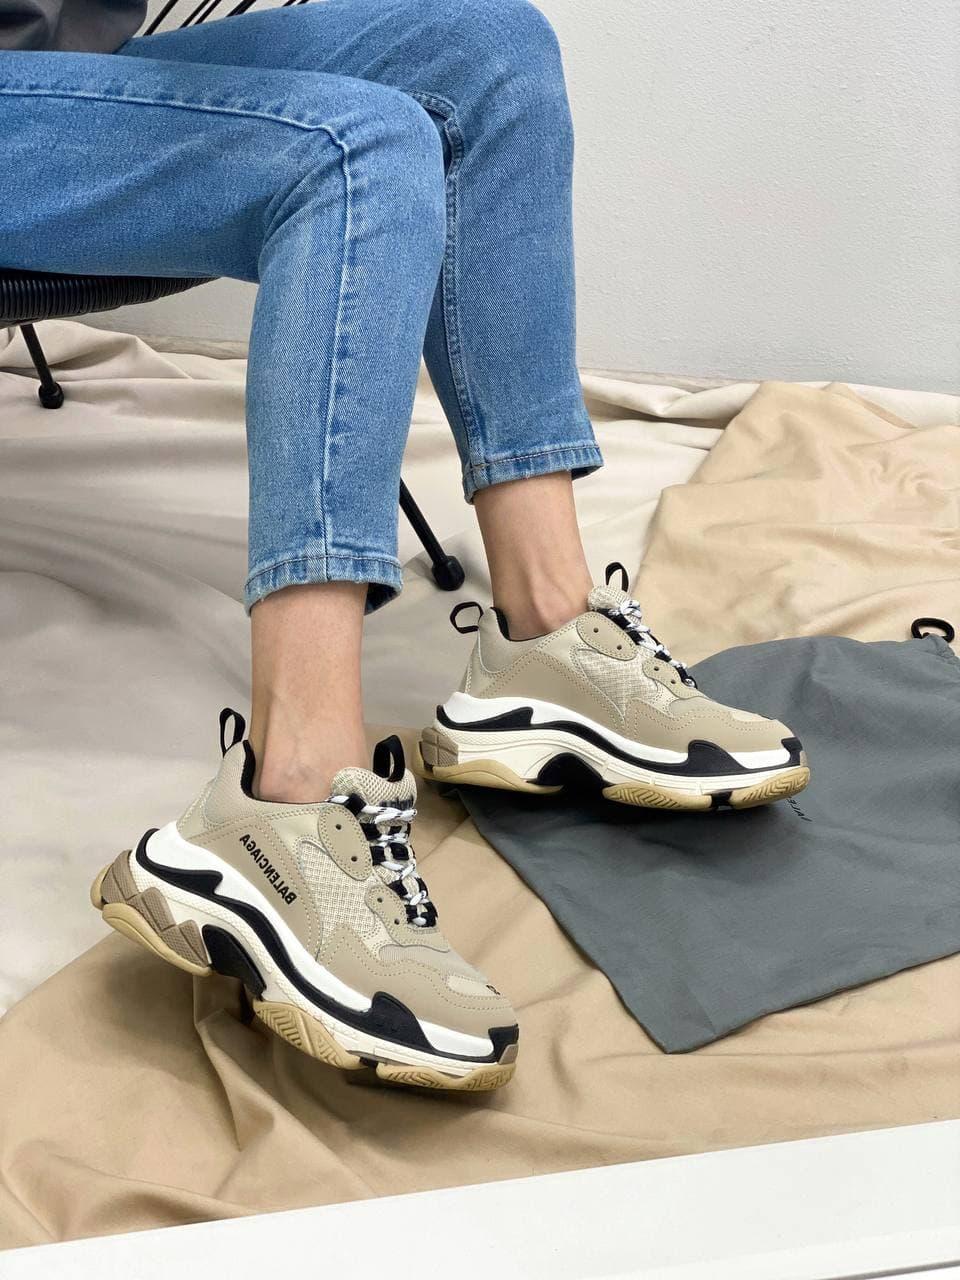 Женские кроссовки Balenciaga Triple S Beige (бежевый) BL021 повседневная обувь с многослойной подошвой